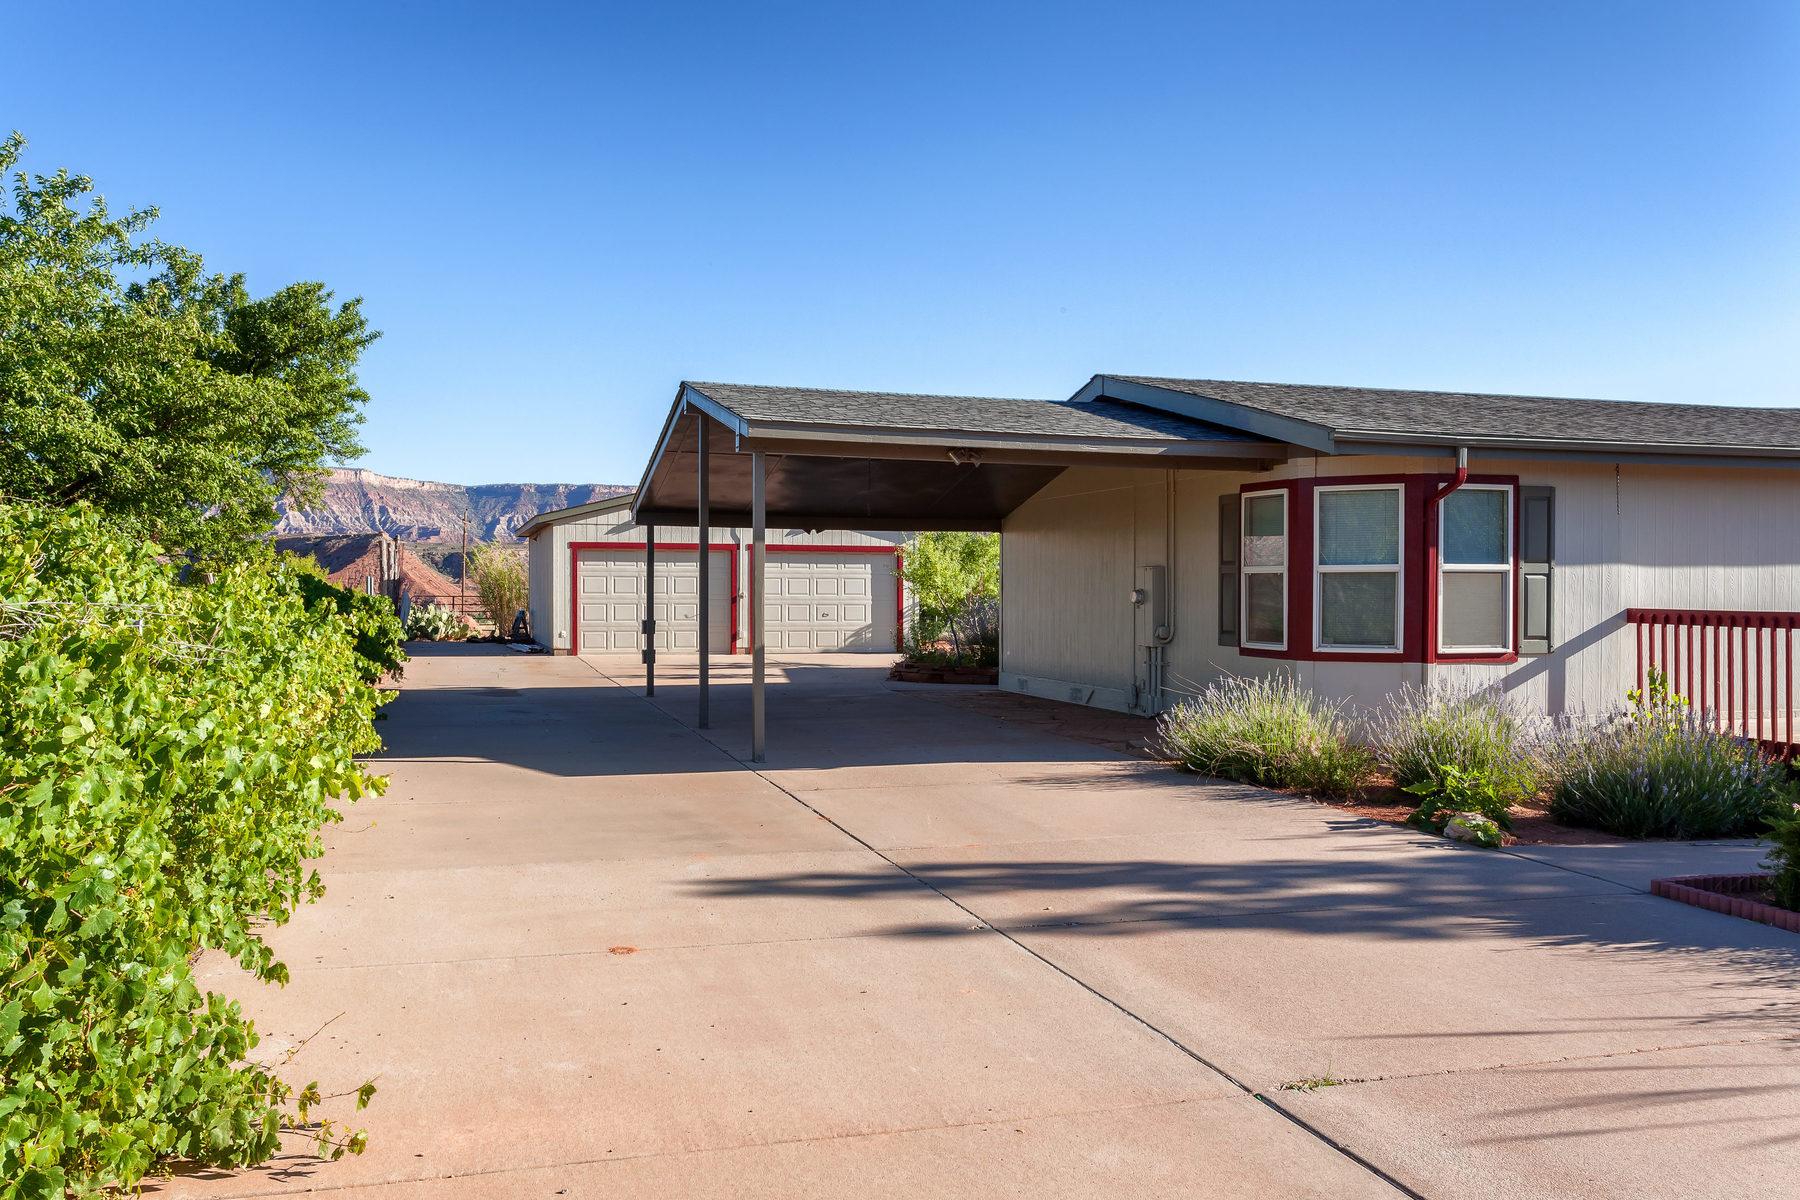 por un Venta en Virgin, UT Home with Zion Views! 285 West 225 North Virgin, Utah 84779 Estados Unidos